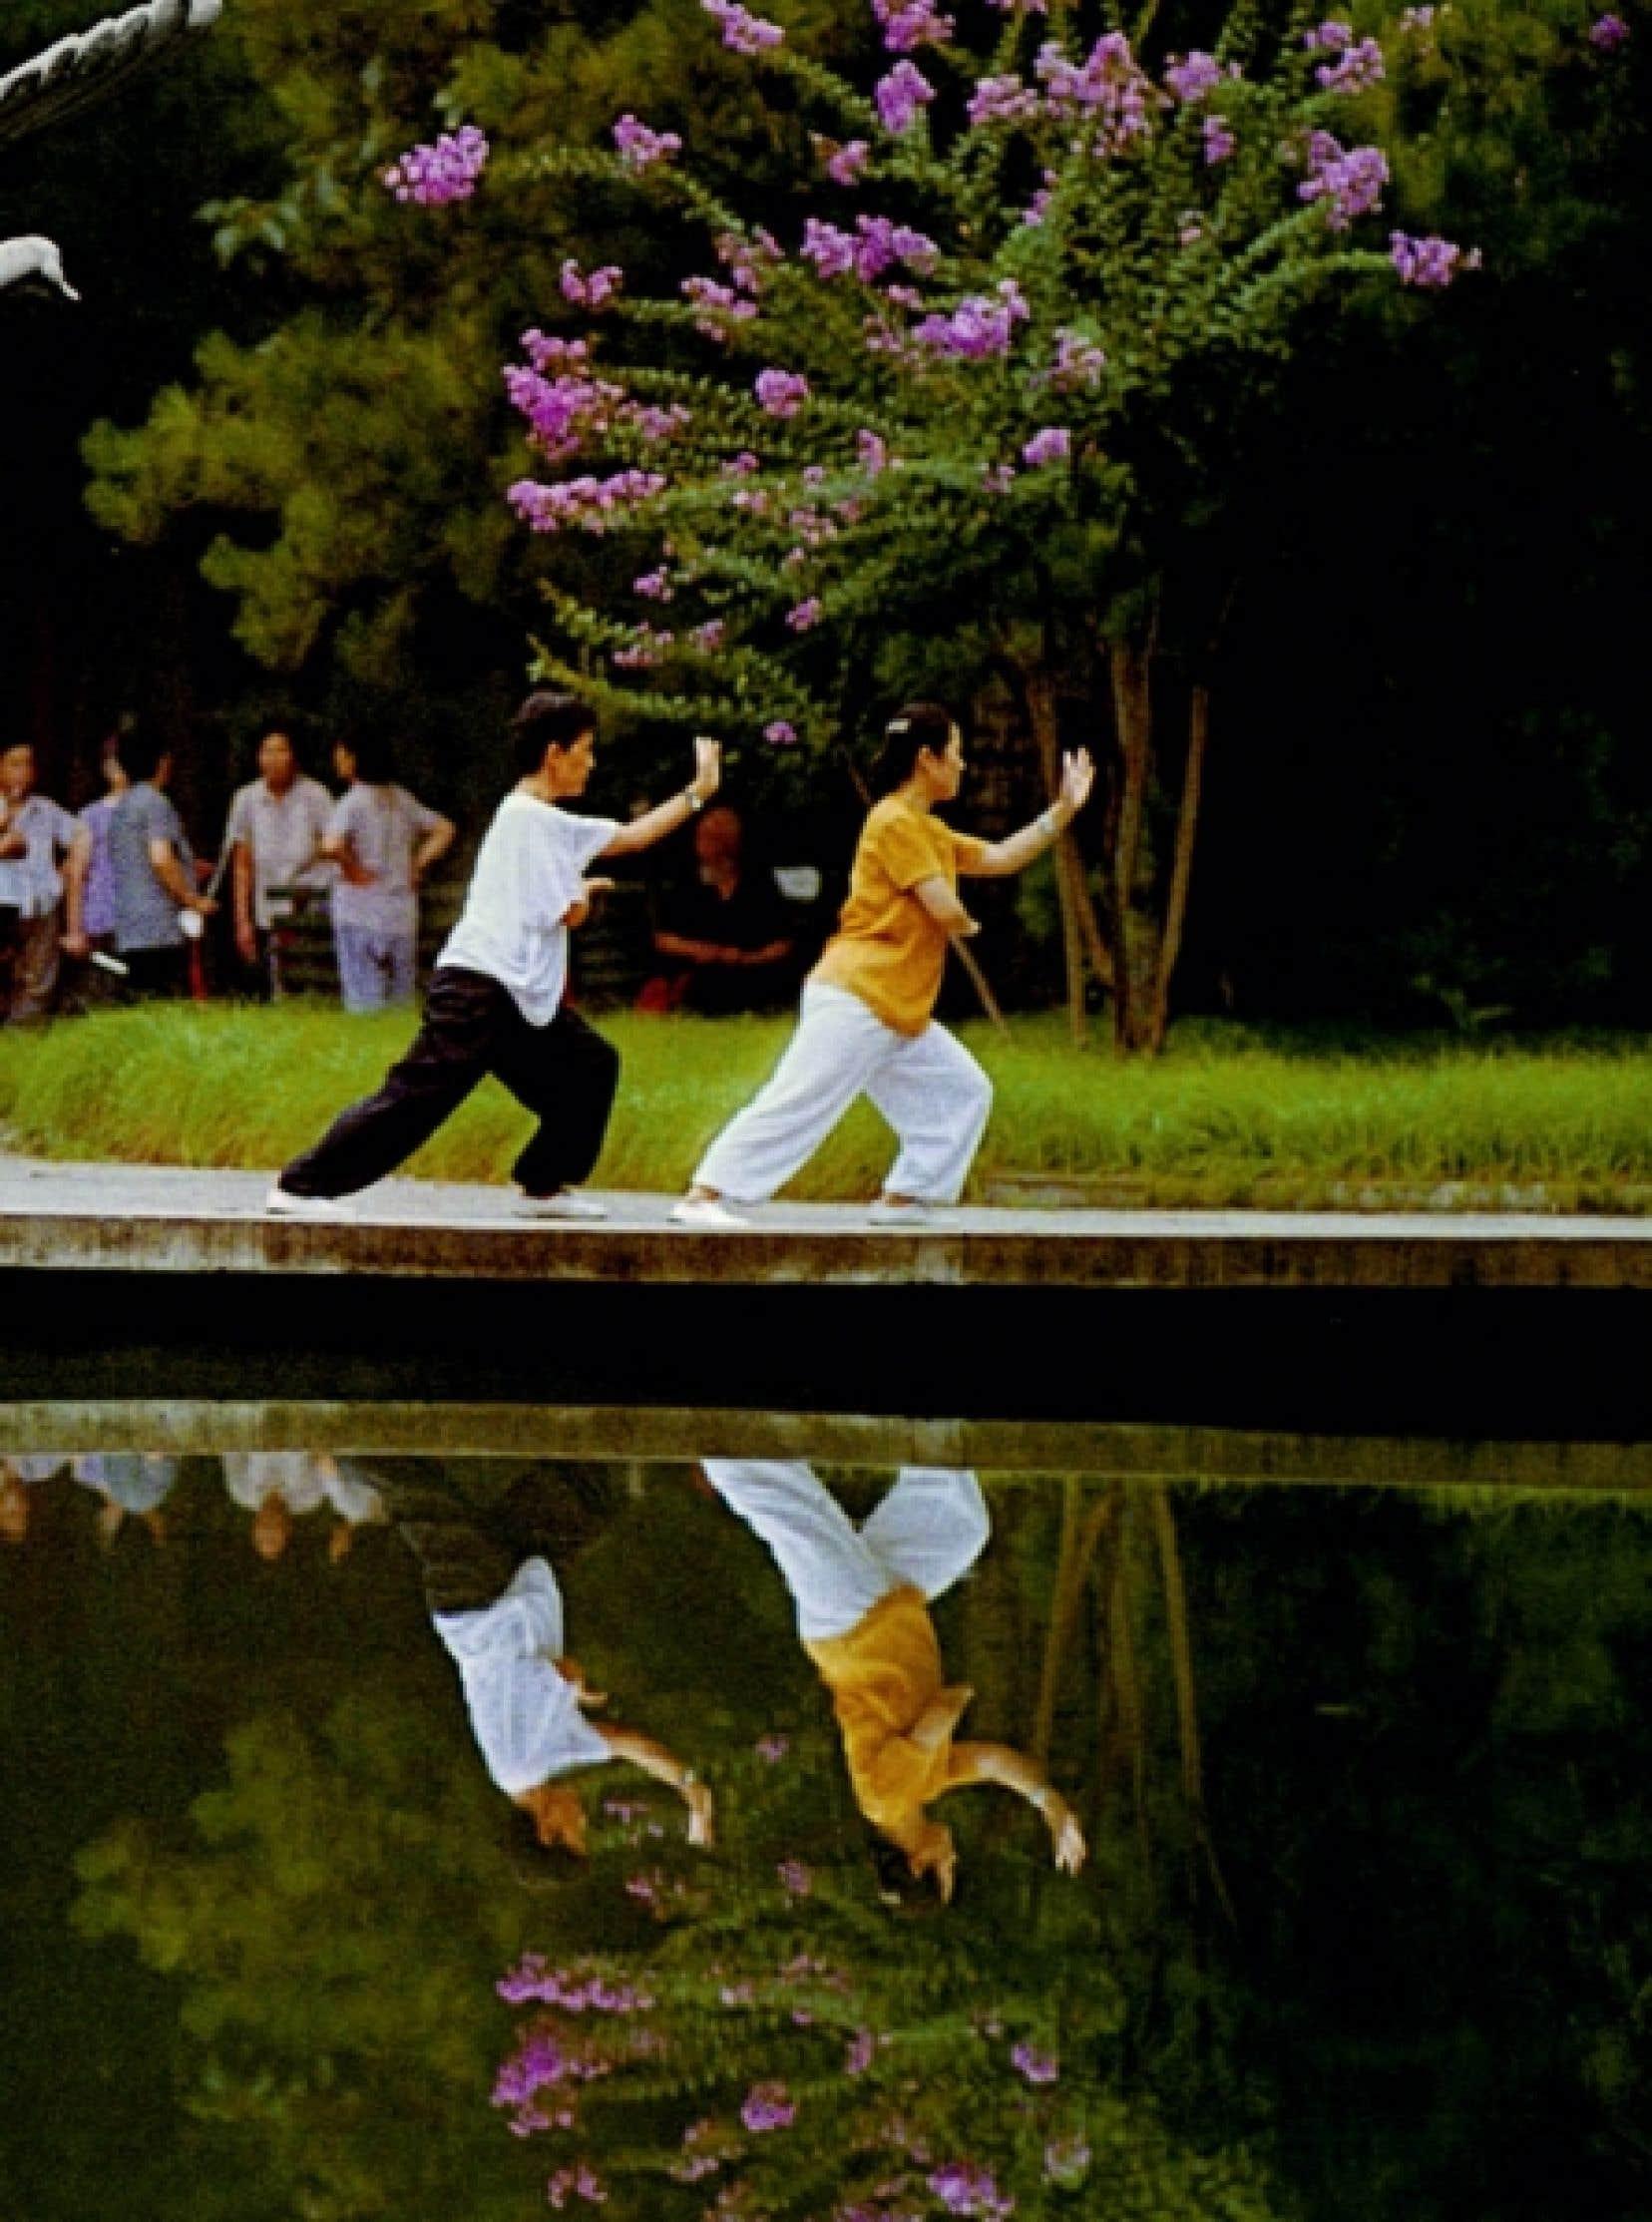 Détail d'une photographie de Lew Yung-Chien tirée de L'Esprit du taï-chi